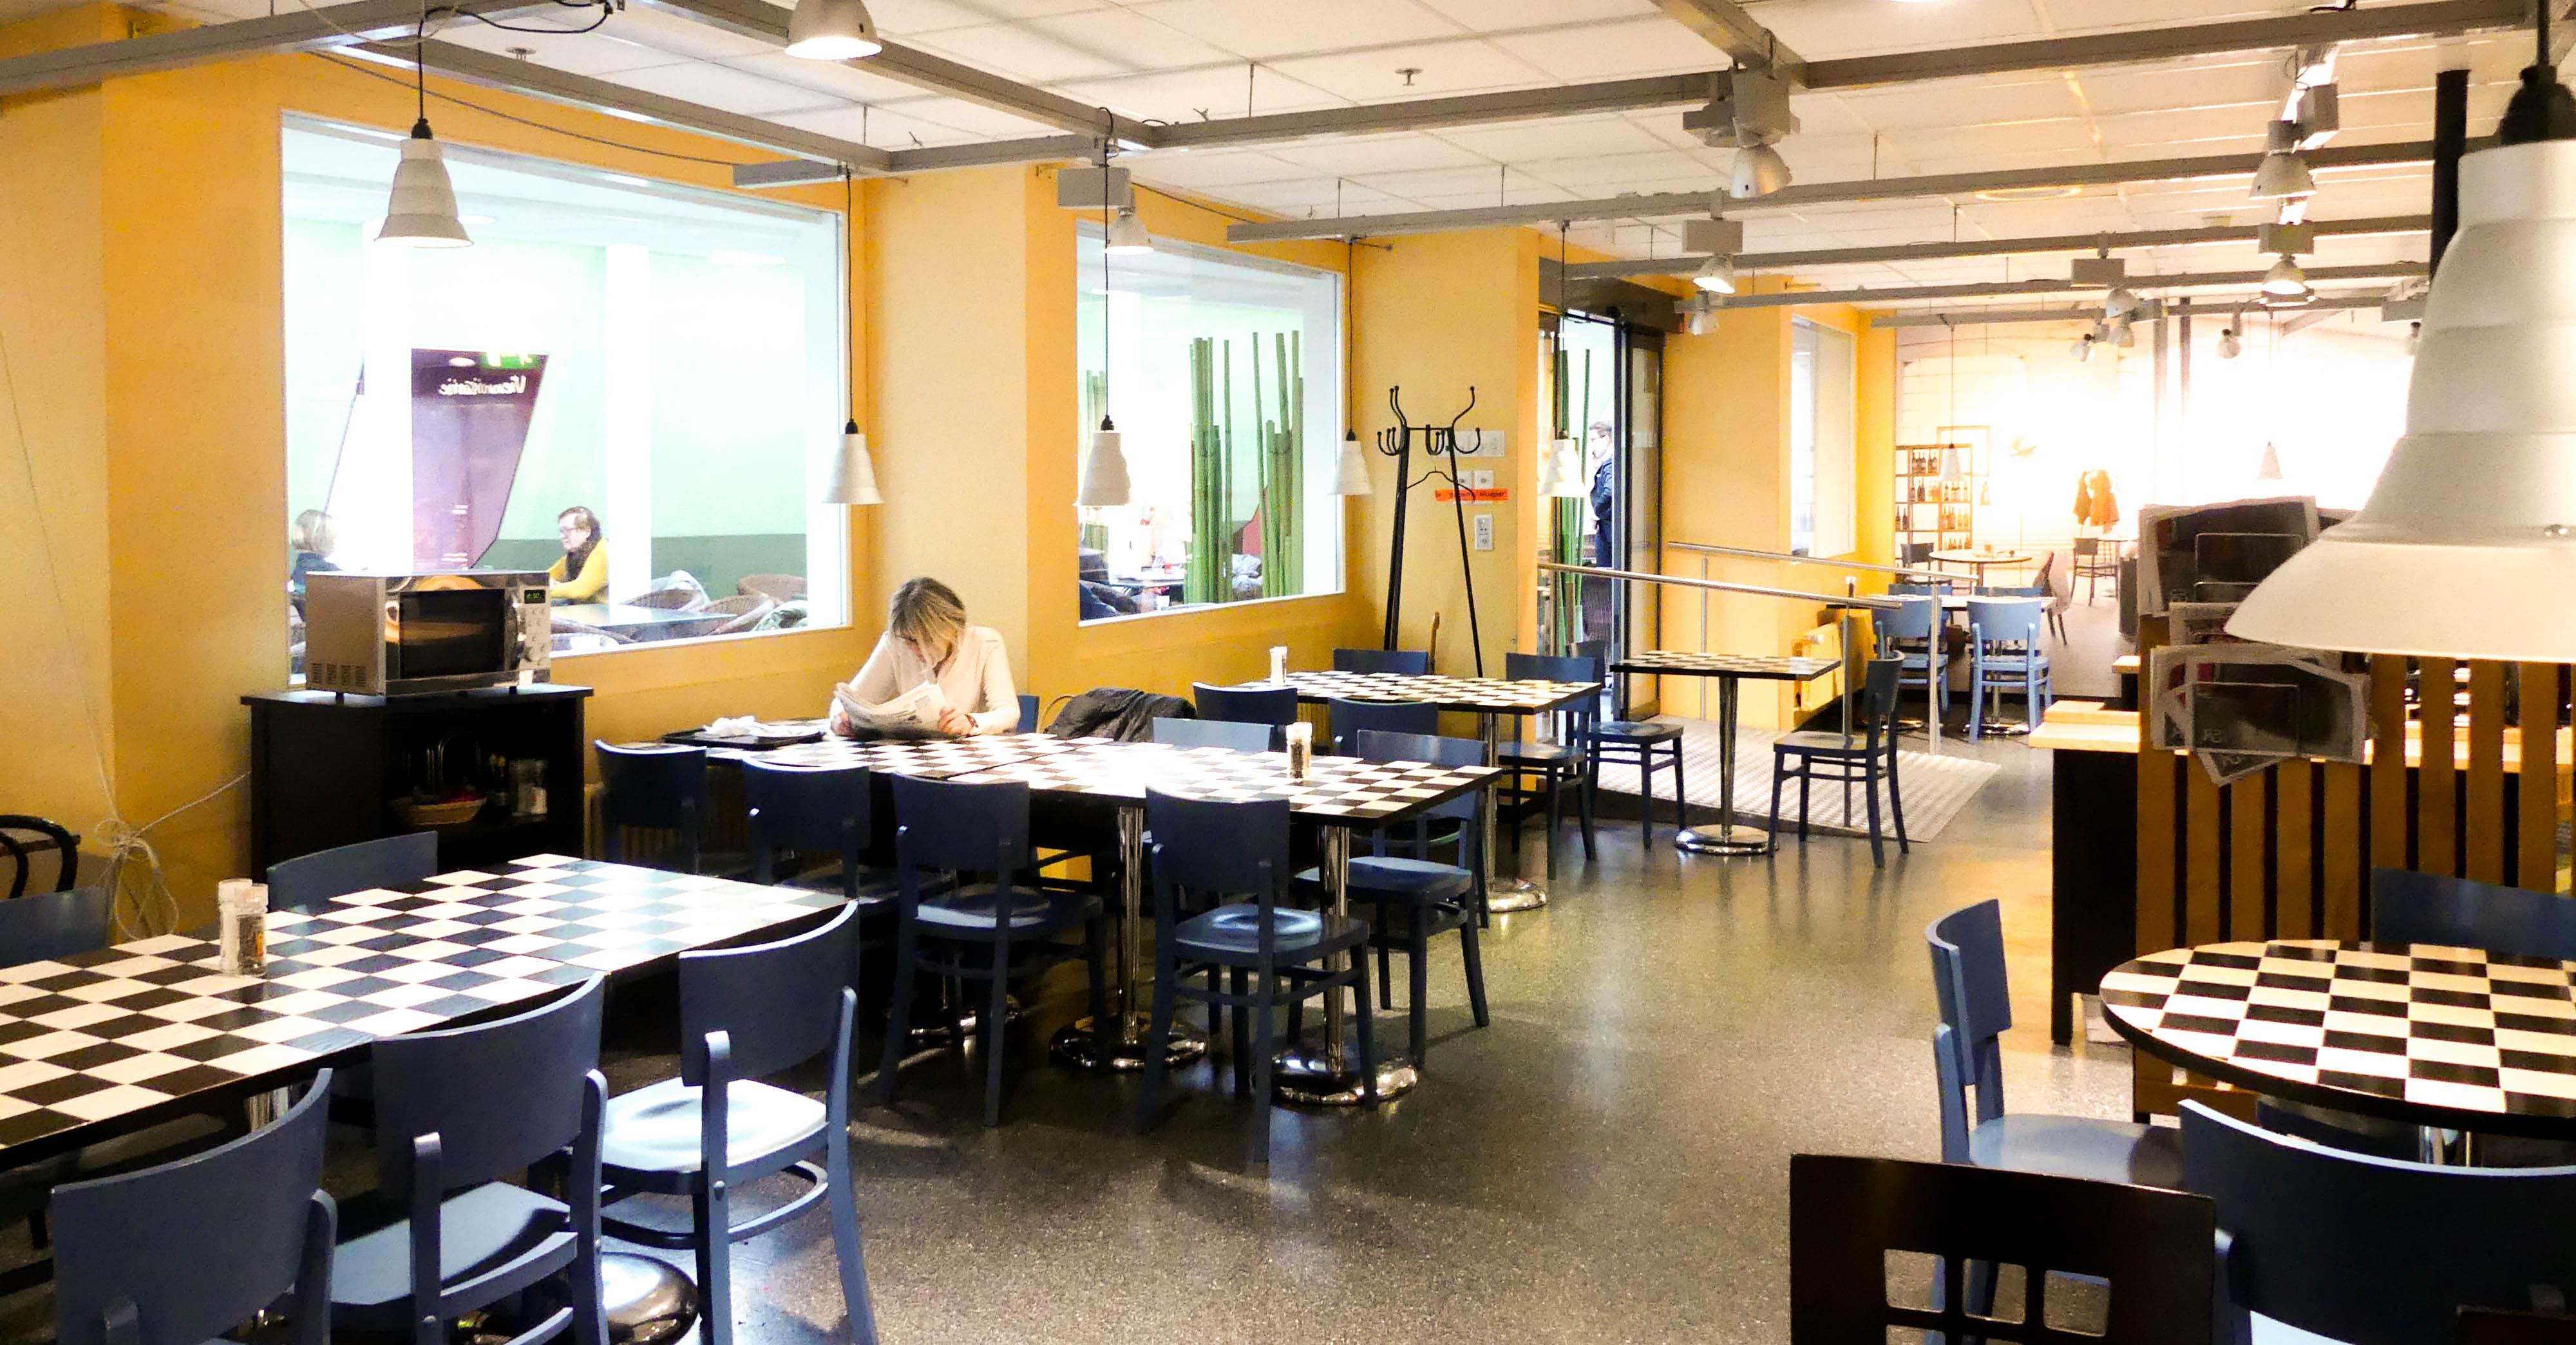 Küche, Gastraum, Kinderspielecke und Toiletten: im Coop Restaurant an der Rössligasse tut sich im Sommer so einiges.